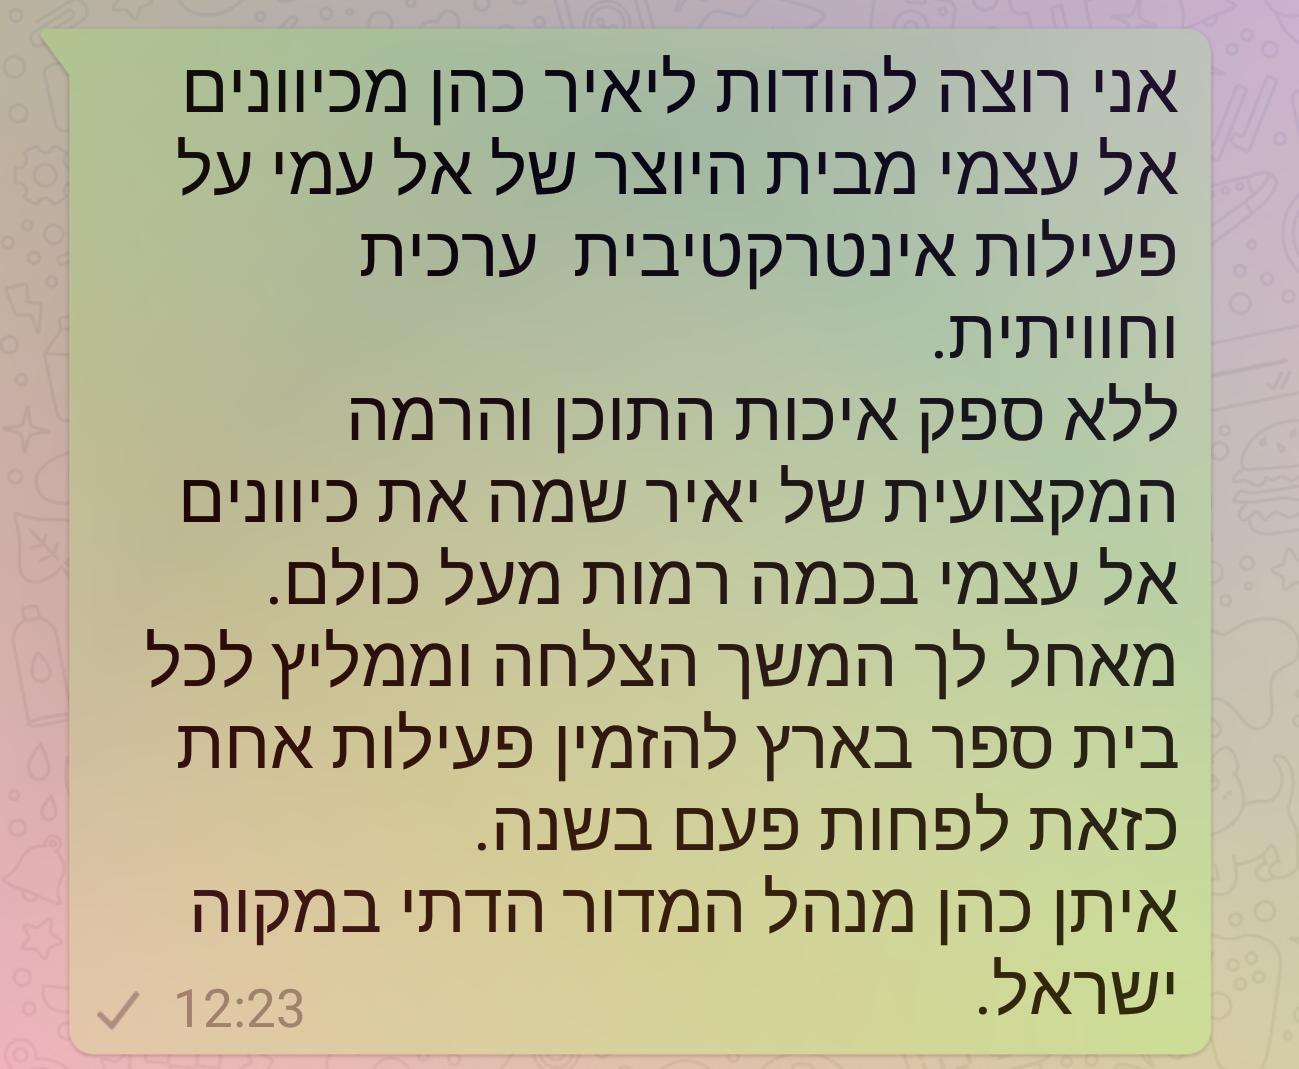 המלצה של איתן כהן